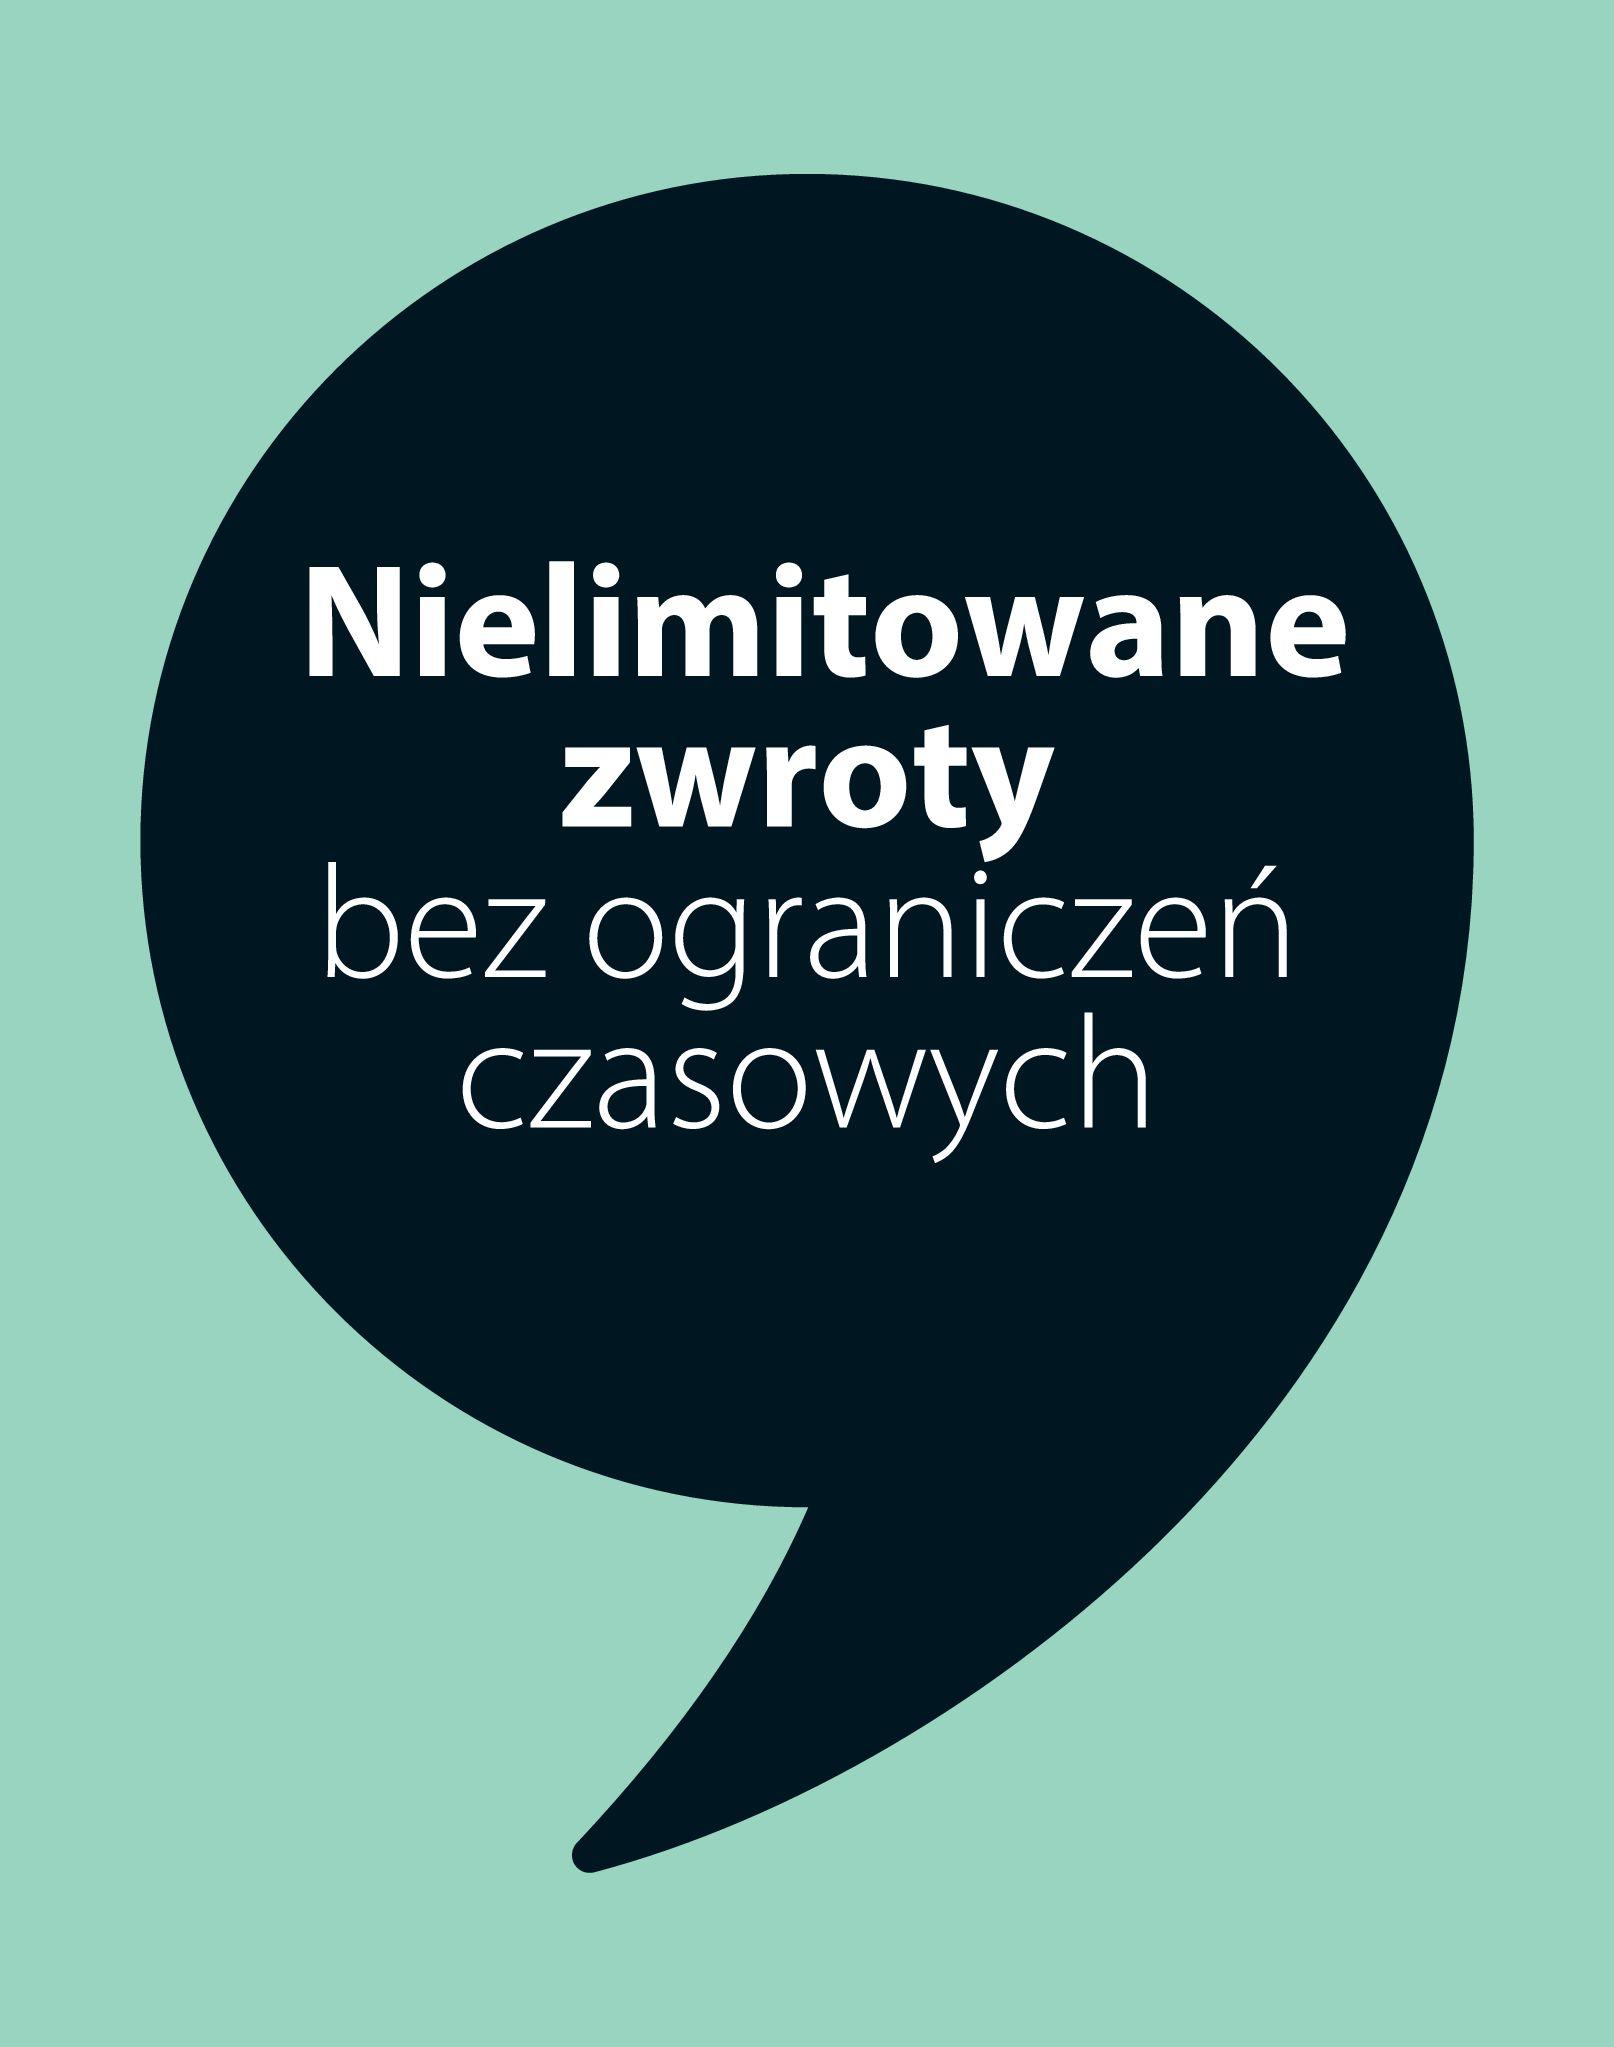 Gazetka Jysk - Oferta tygodnia-18.03.2020-01.04.2020-page-1